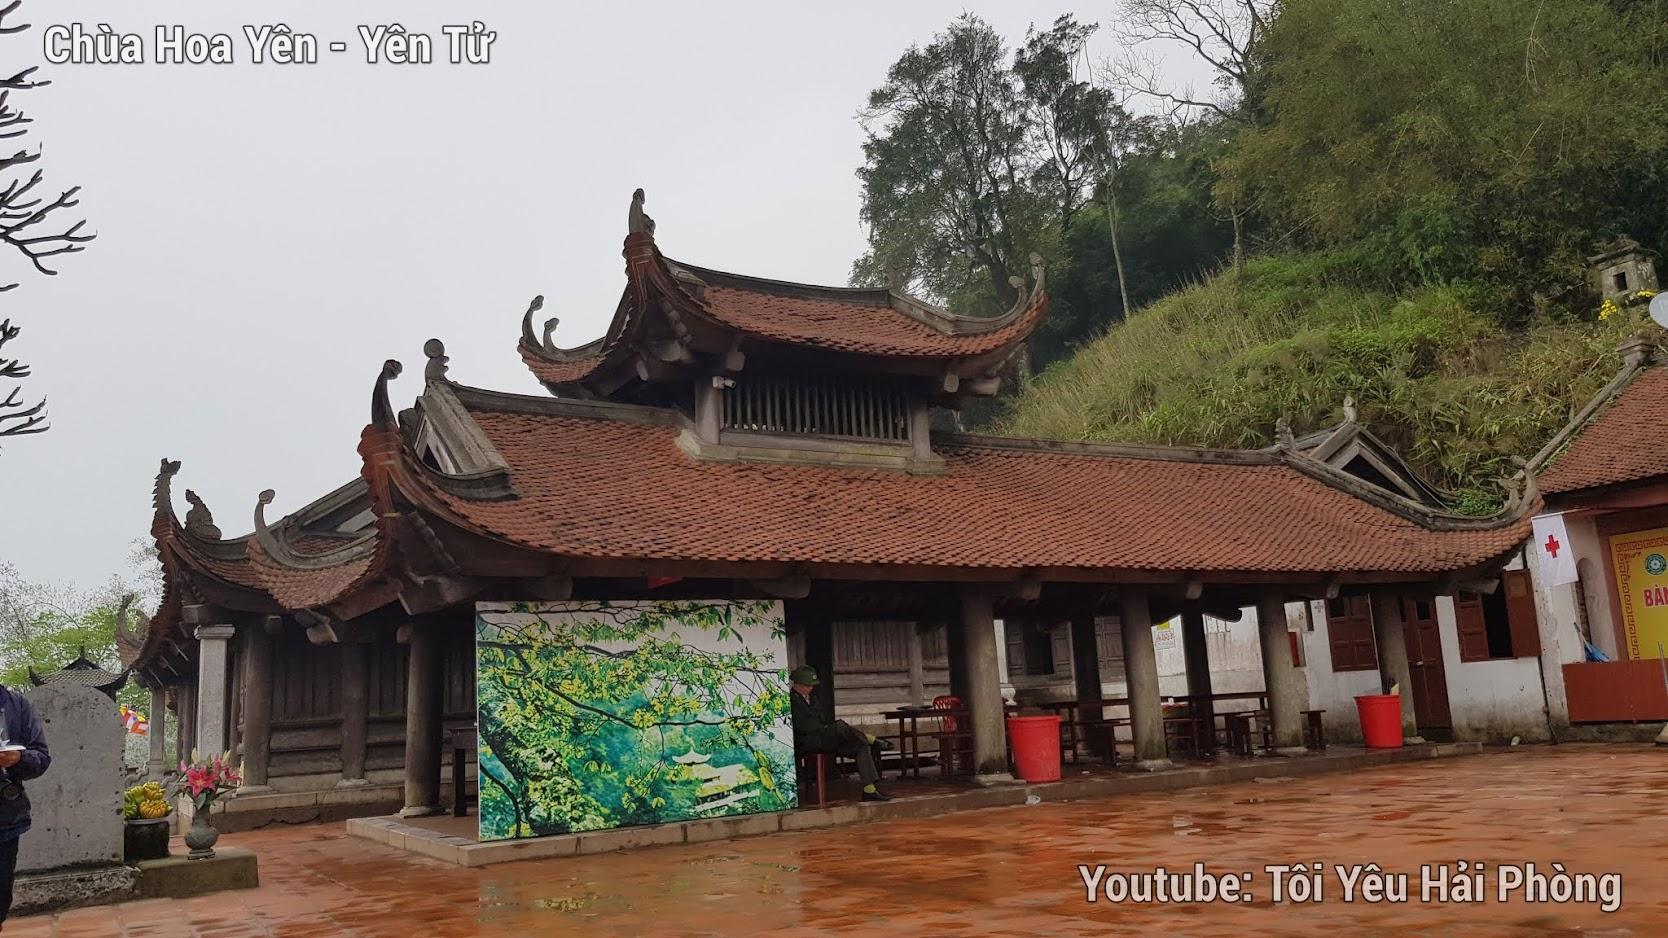 chùa hoa hiên núi yên tử 3